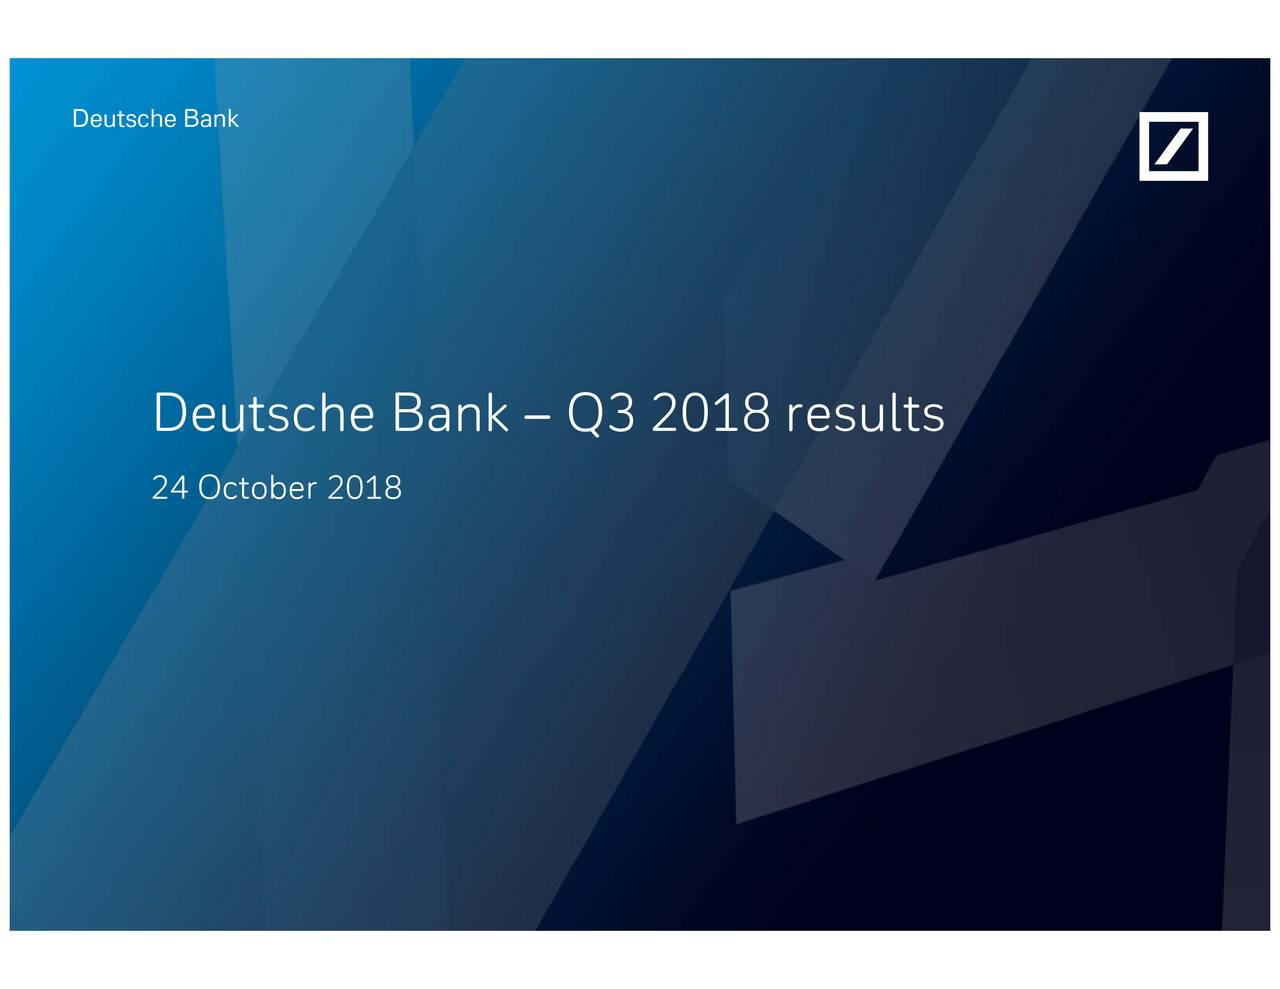 Deutsche Bank Q3